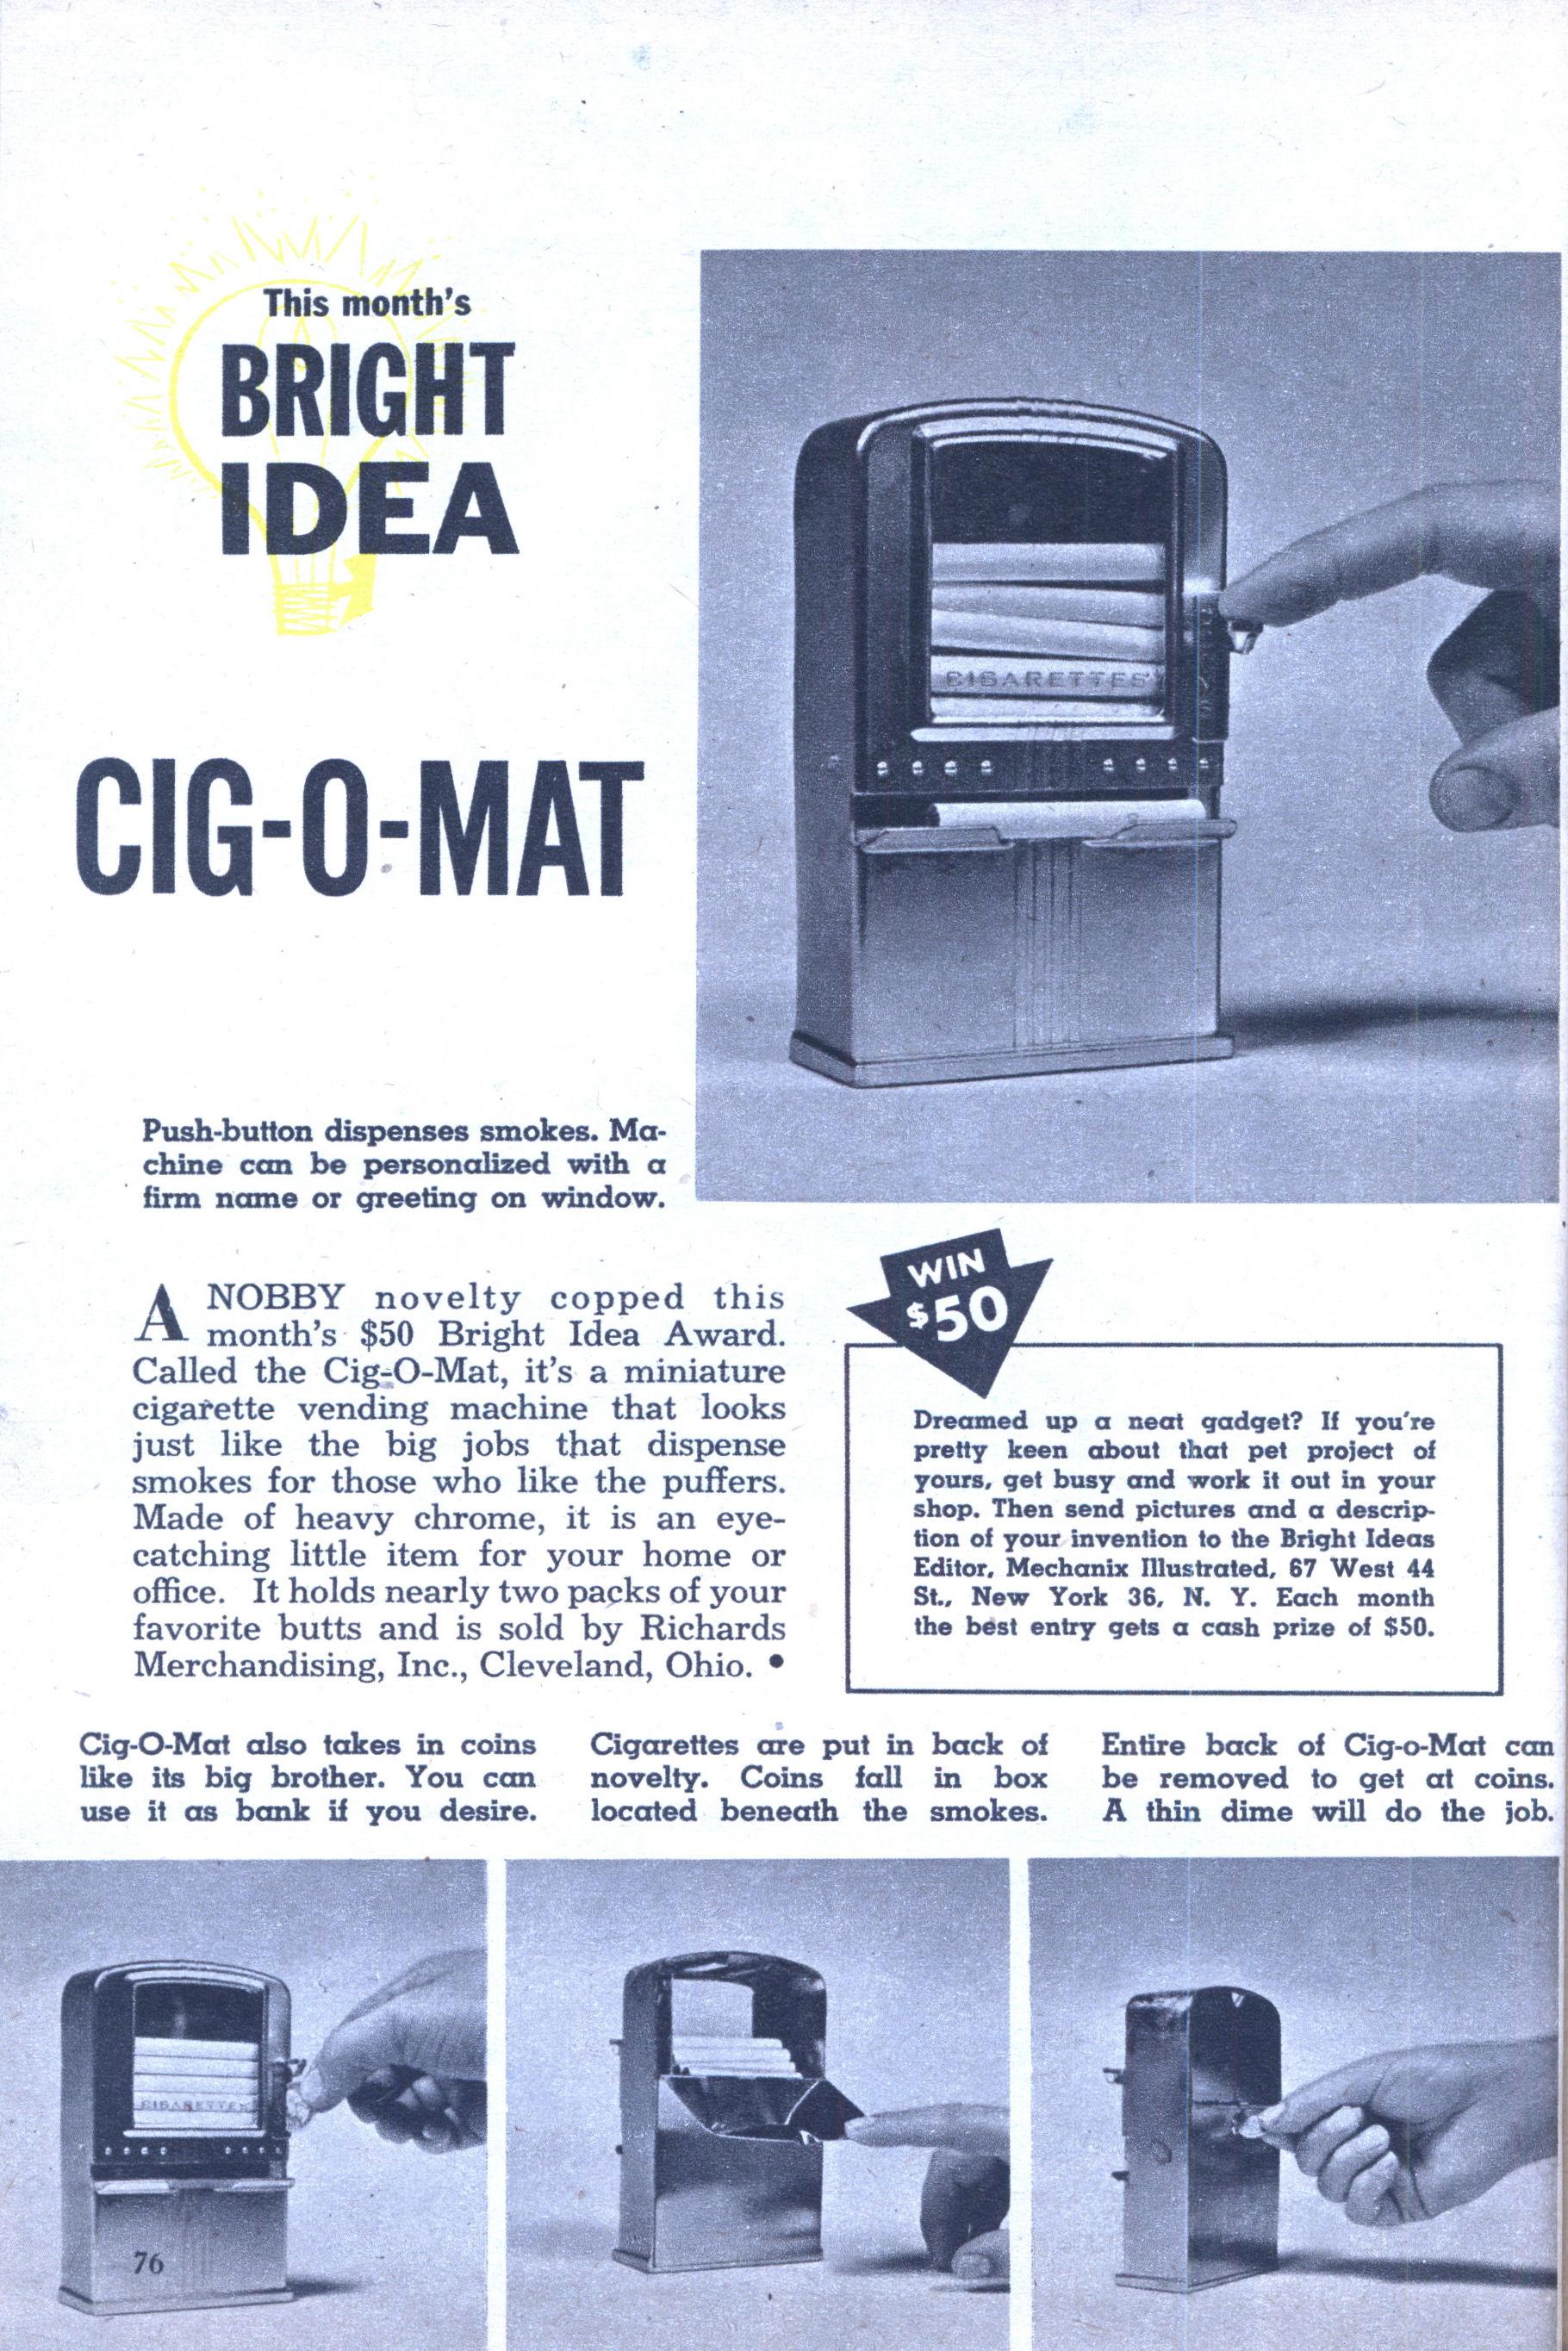 marlboro single cigarette dispenser